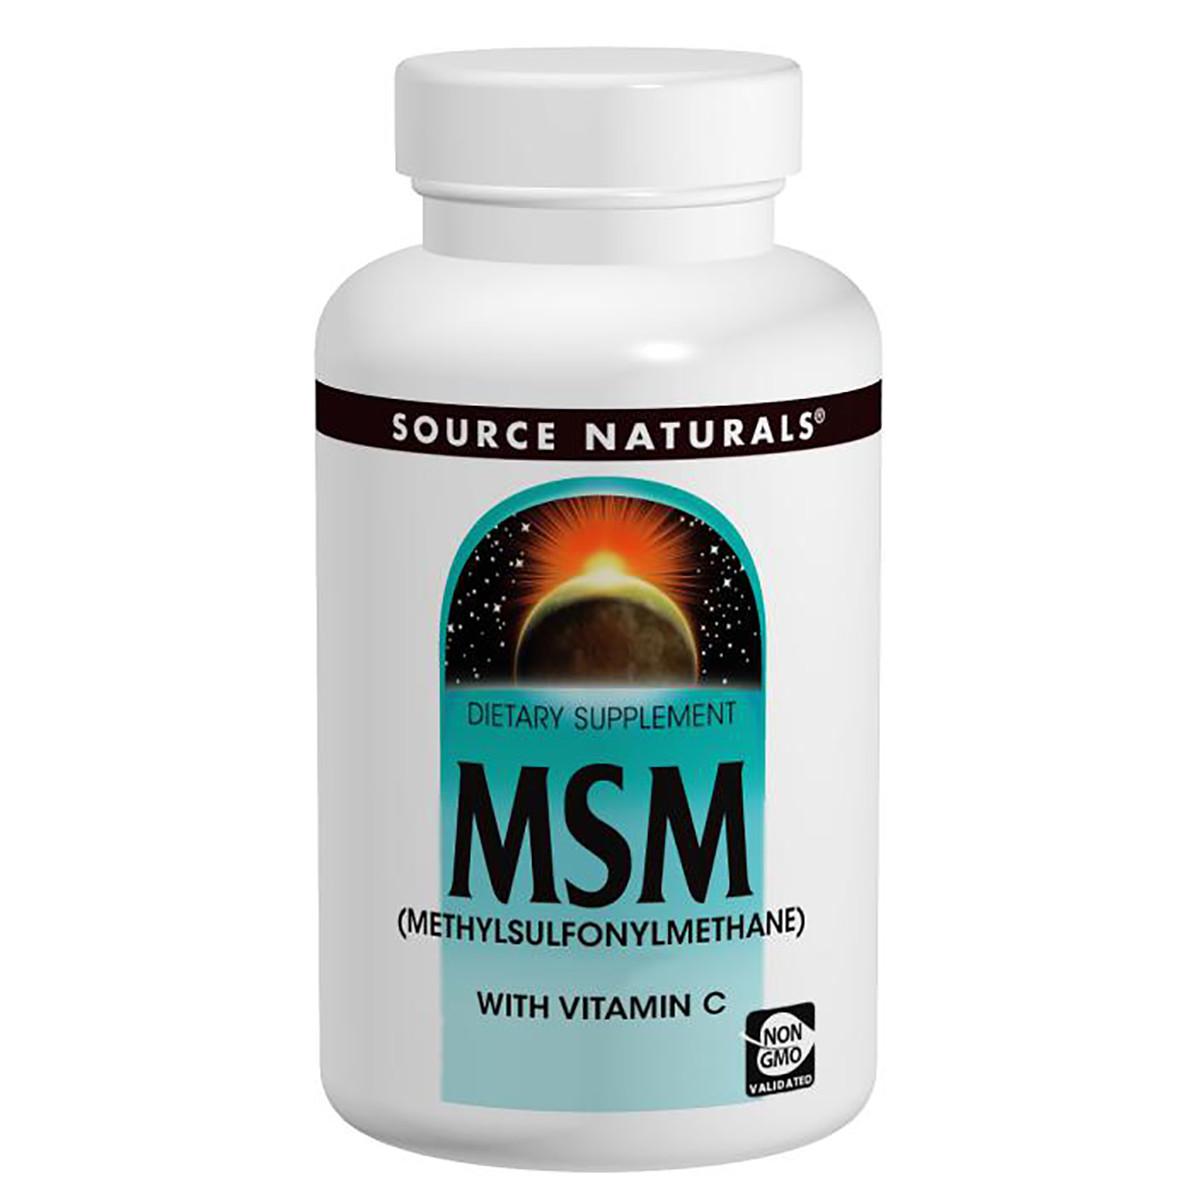 МСМ 1000мг с Витамином С, Source Naturals, 60 таблеток